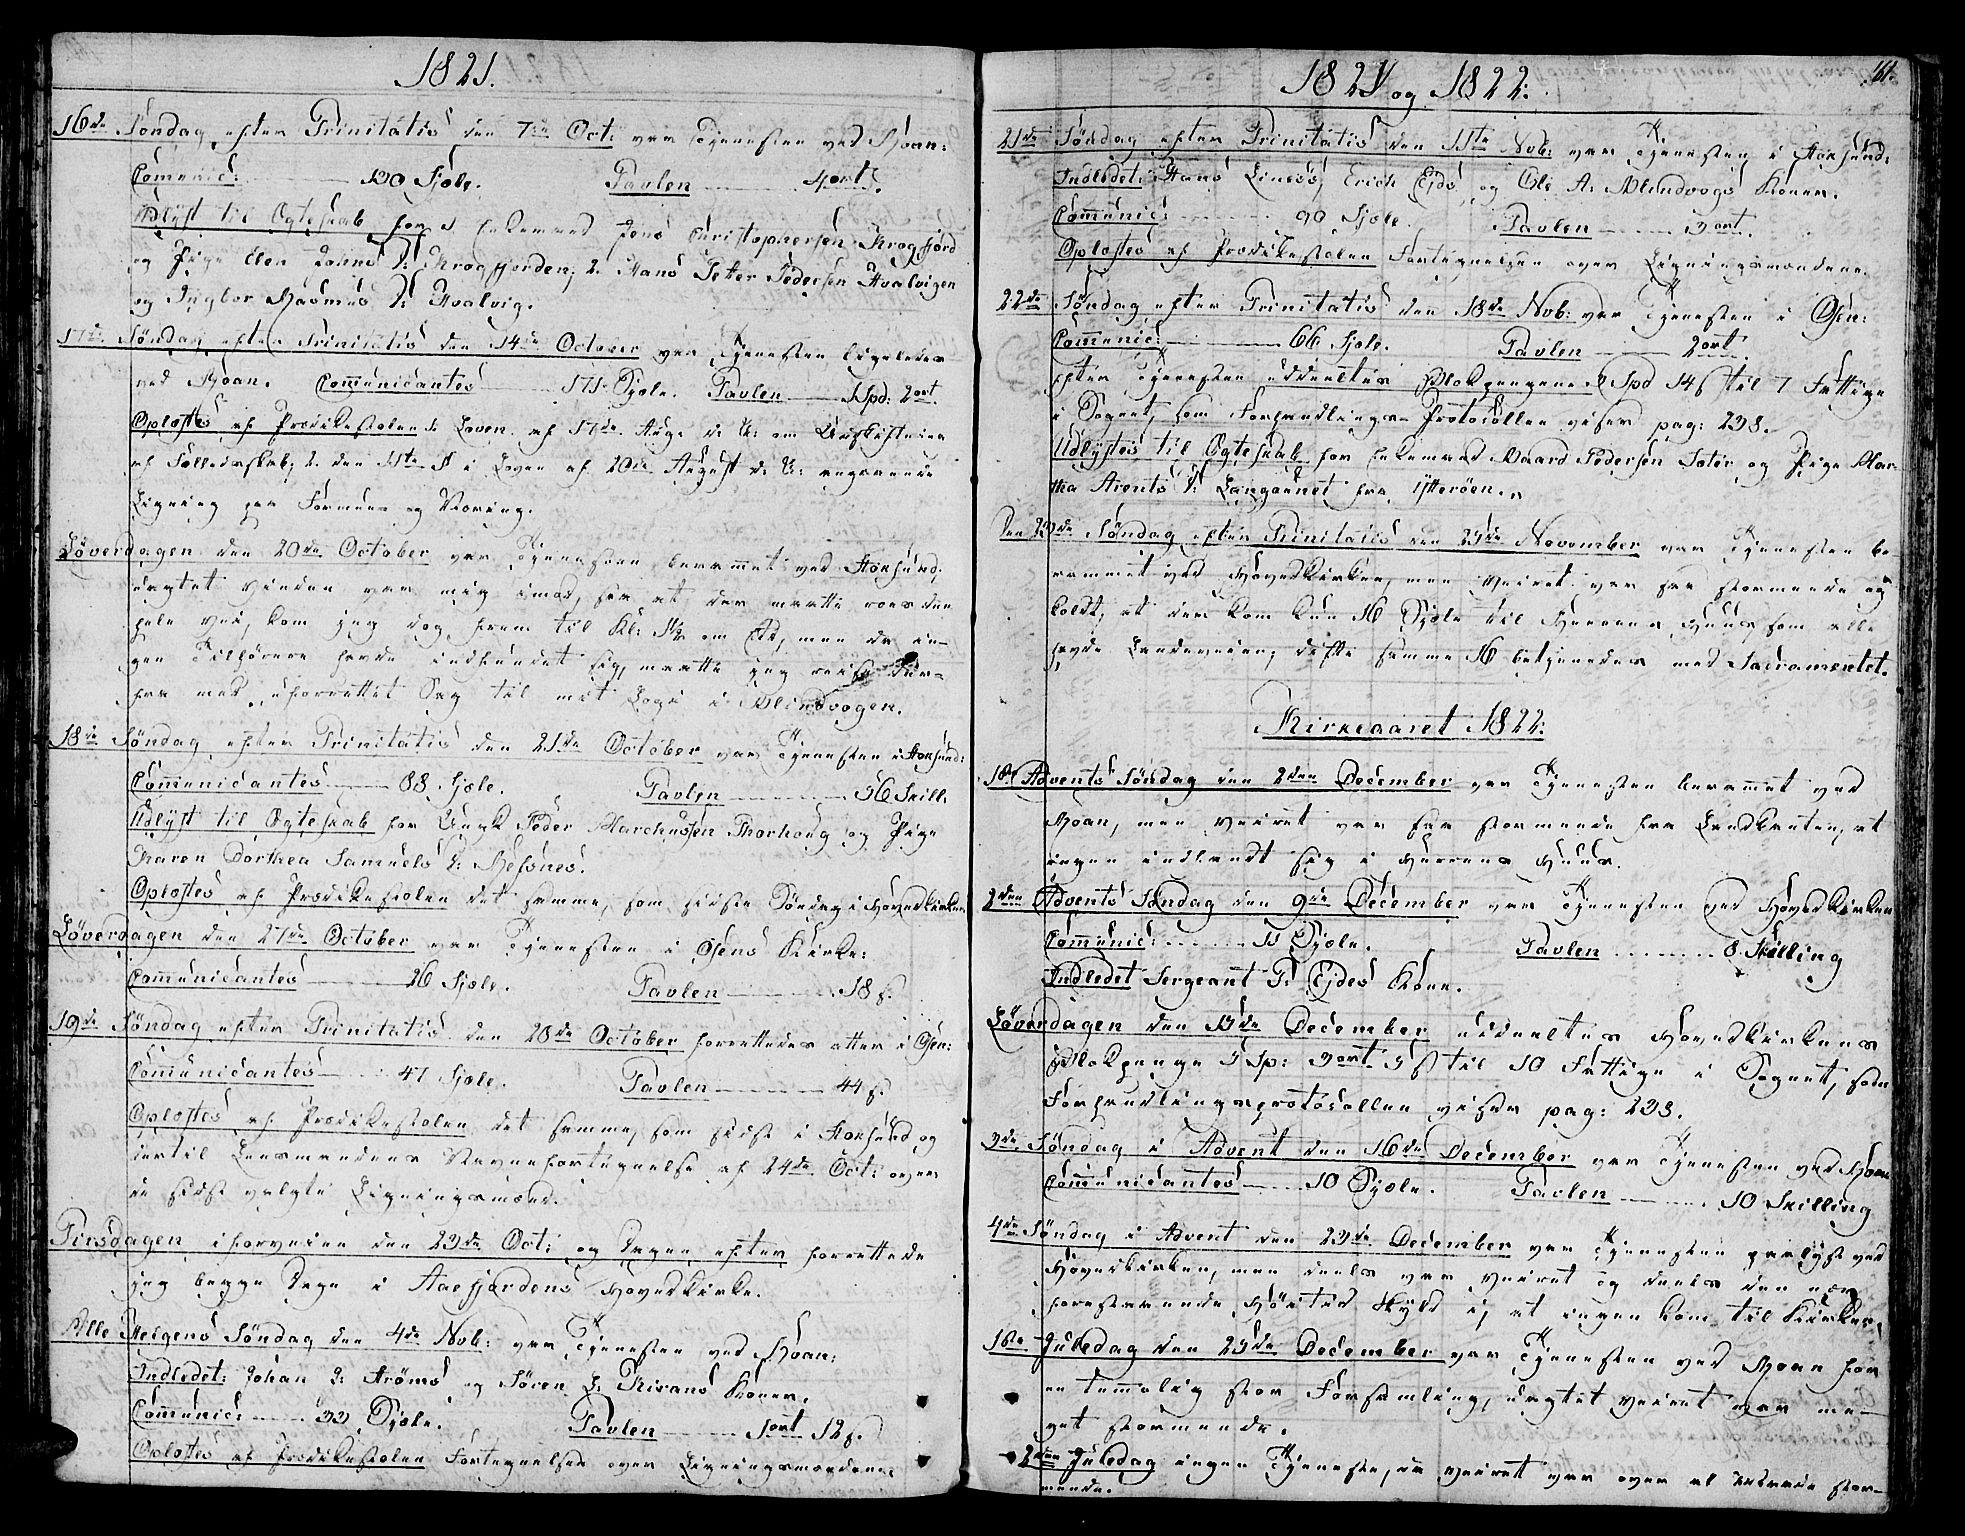 SAT, Ministerialprotokoller, klokkerbøker og fødselsregistre - Sør-Trøndelag, 657/L0701: Ministerialbok nr. 657A02, 1802-1831, s. 161